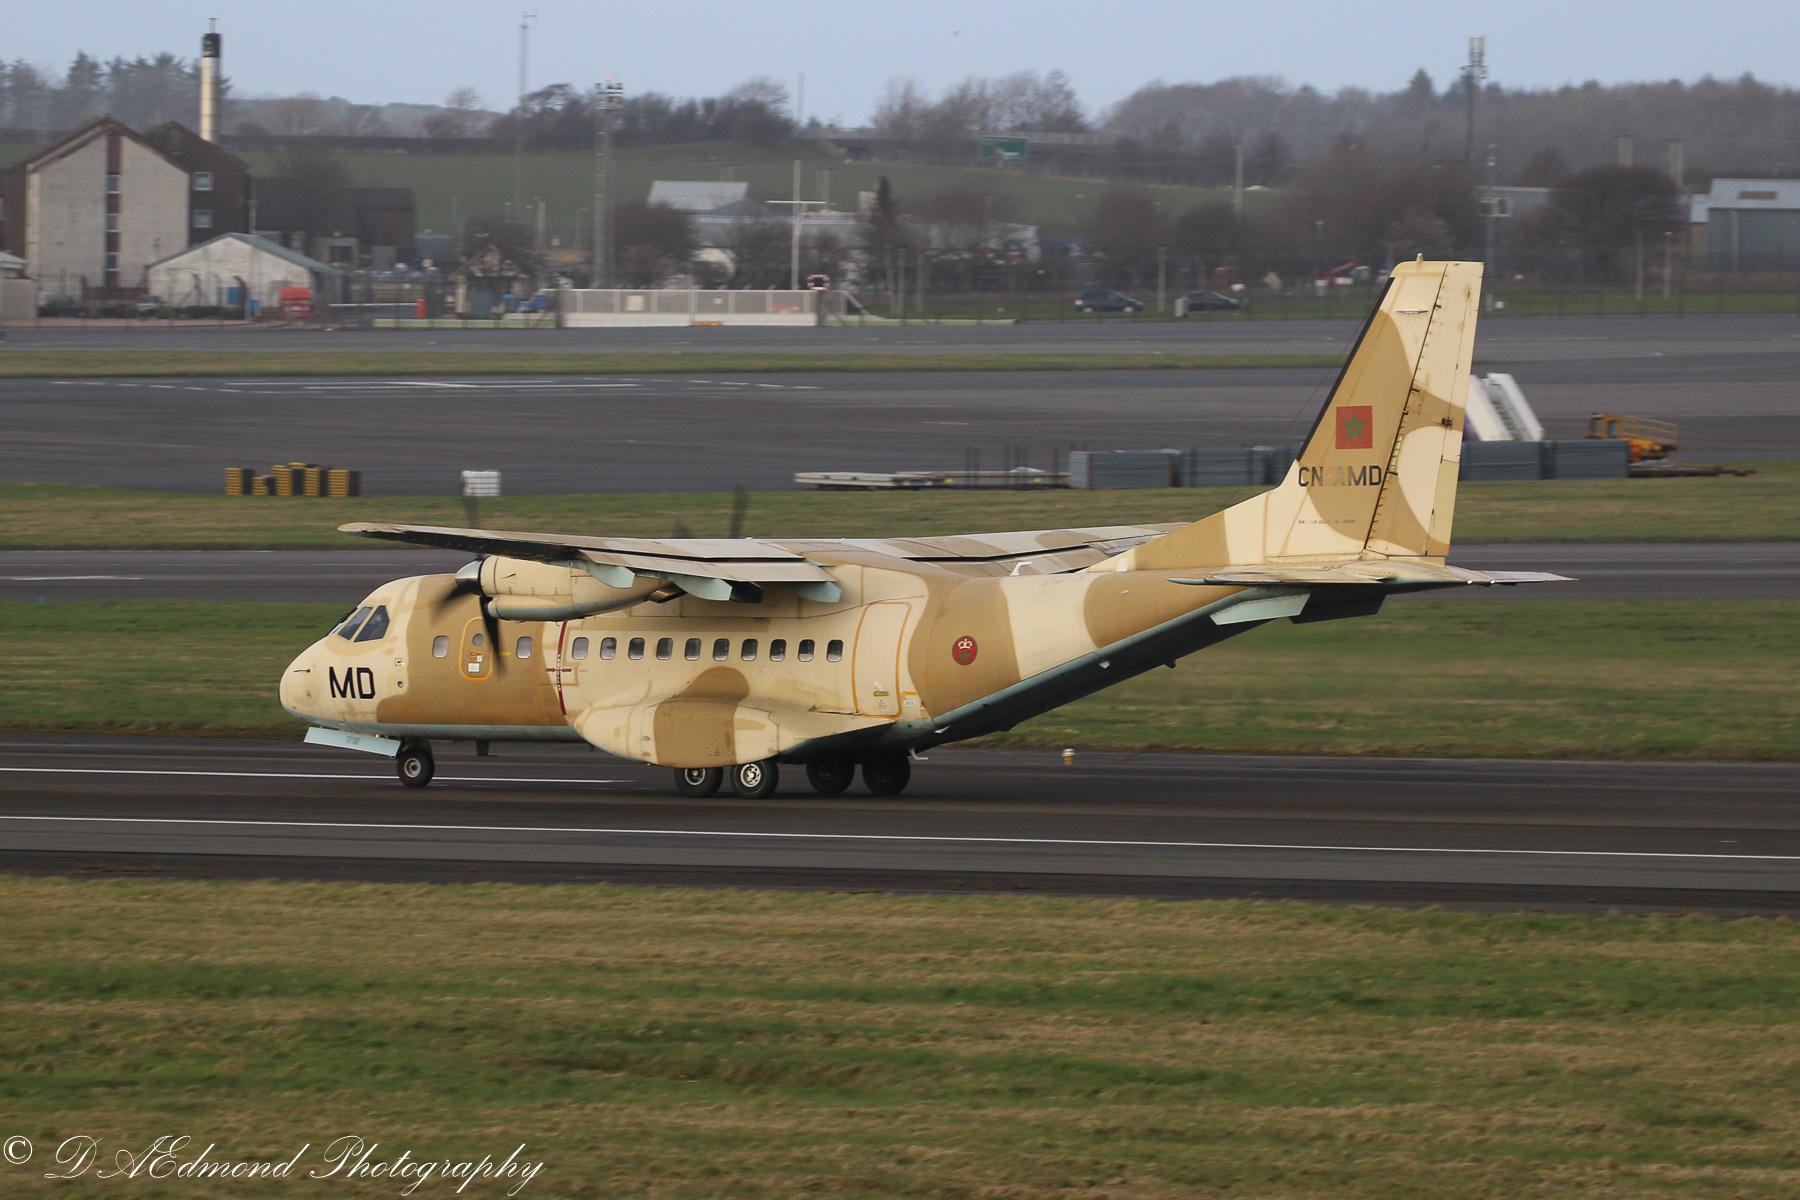 FRA: Photos d'avions de transport - Page 31 33376370505_d1bb0ae724_o